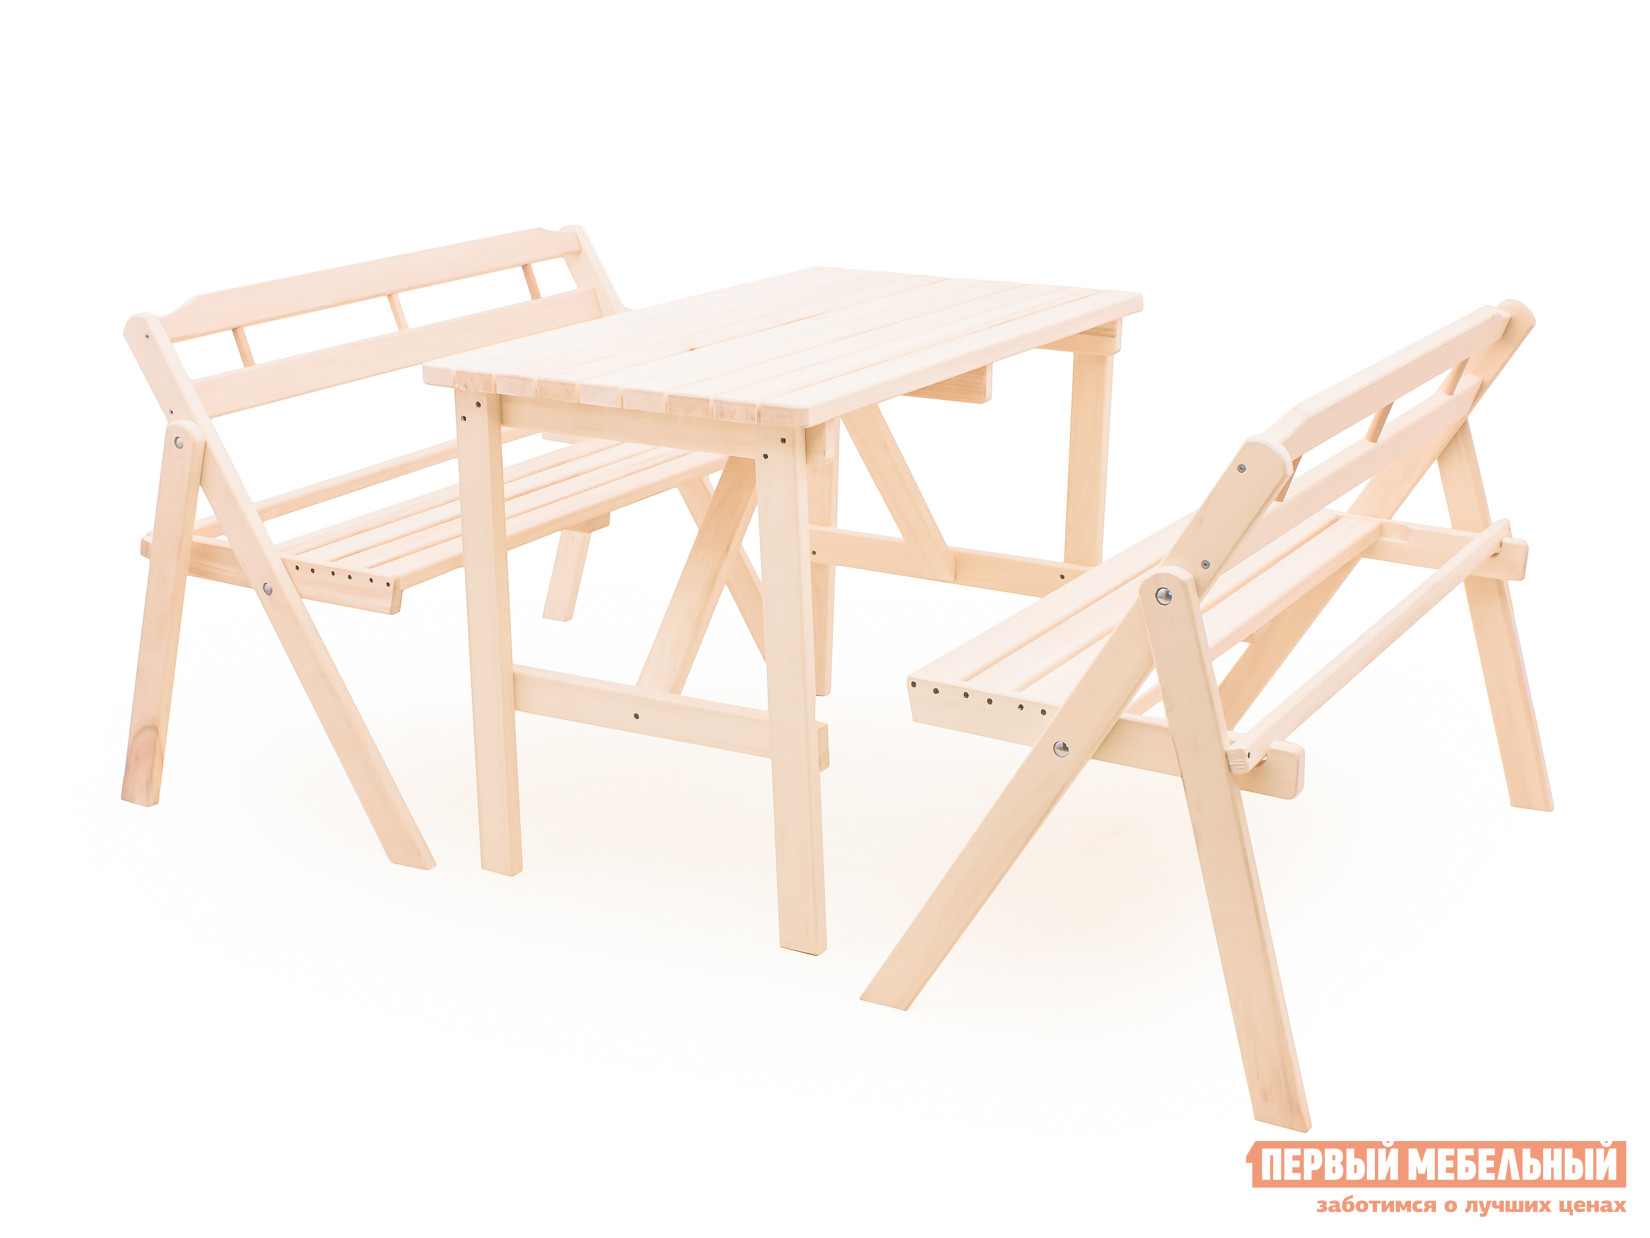 Комплект садовой мебели СМКА Веранда БМ053 Осина от Купистол